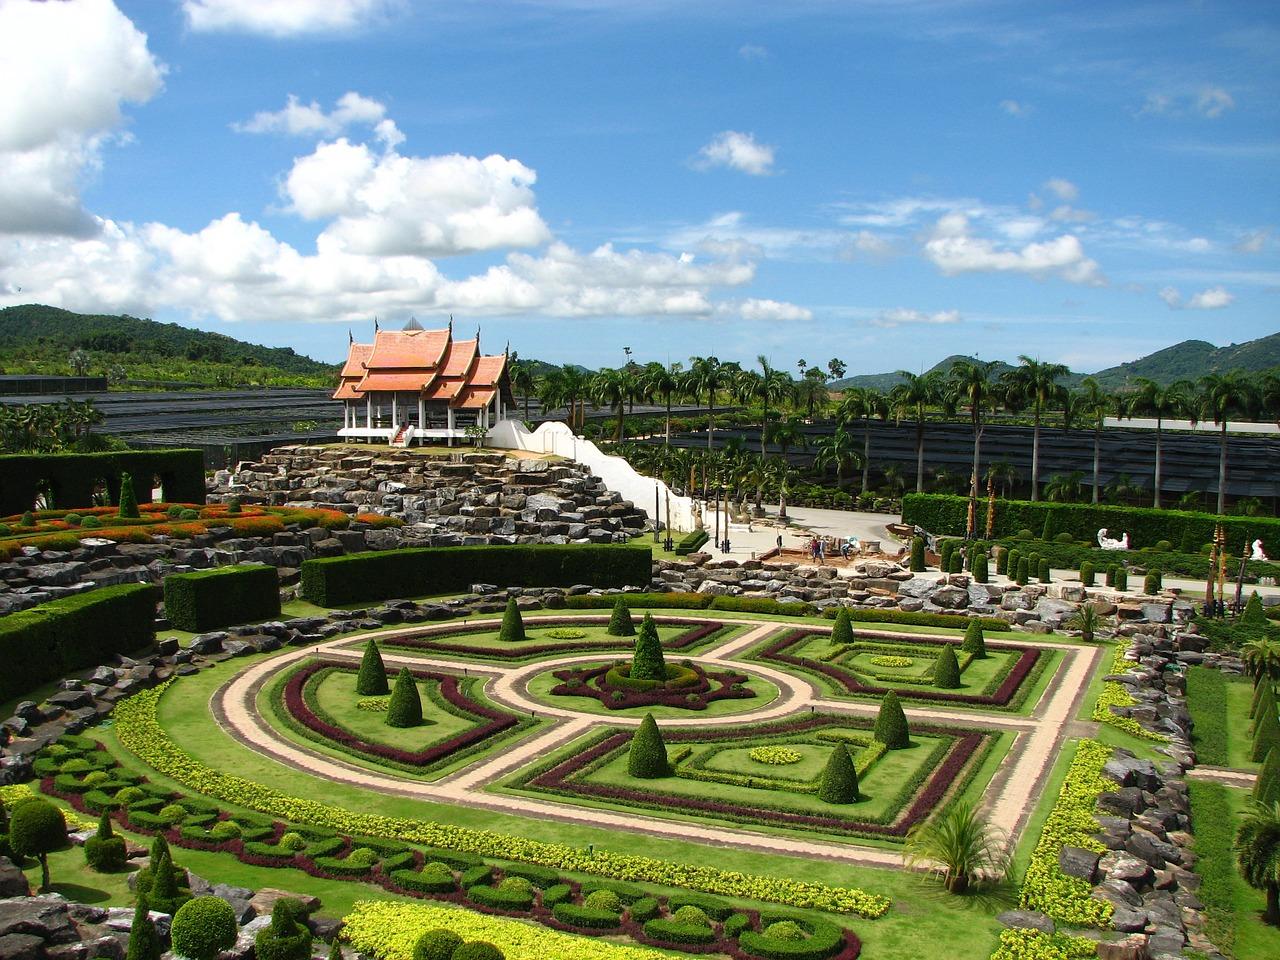 05 nong nooch tropical botanical garden